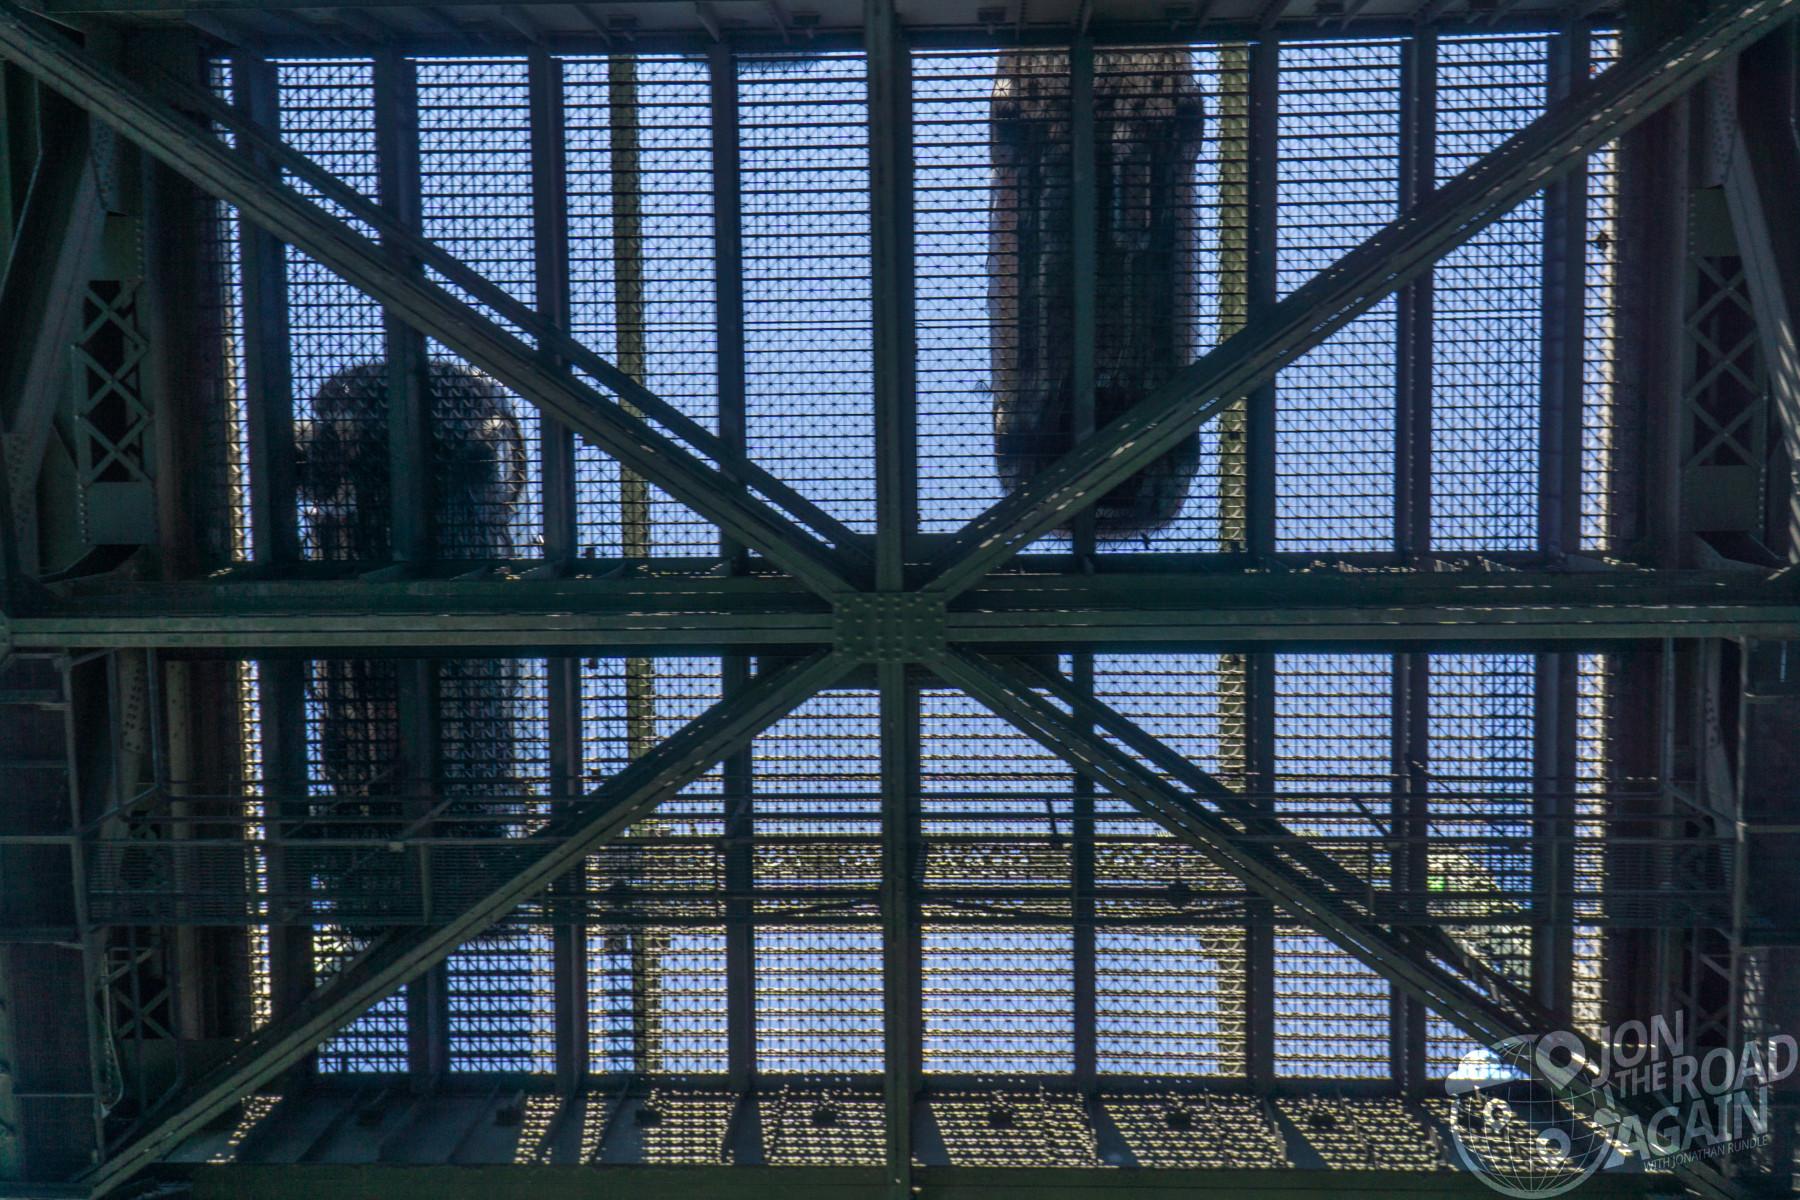 Under the university bridge